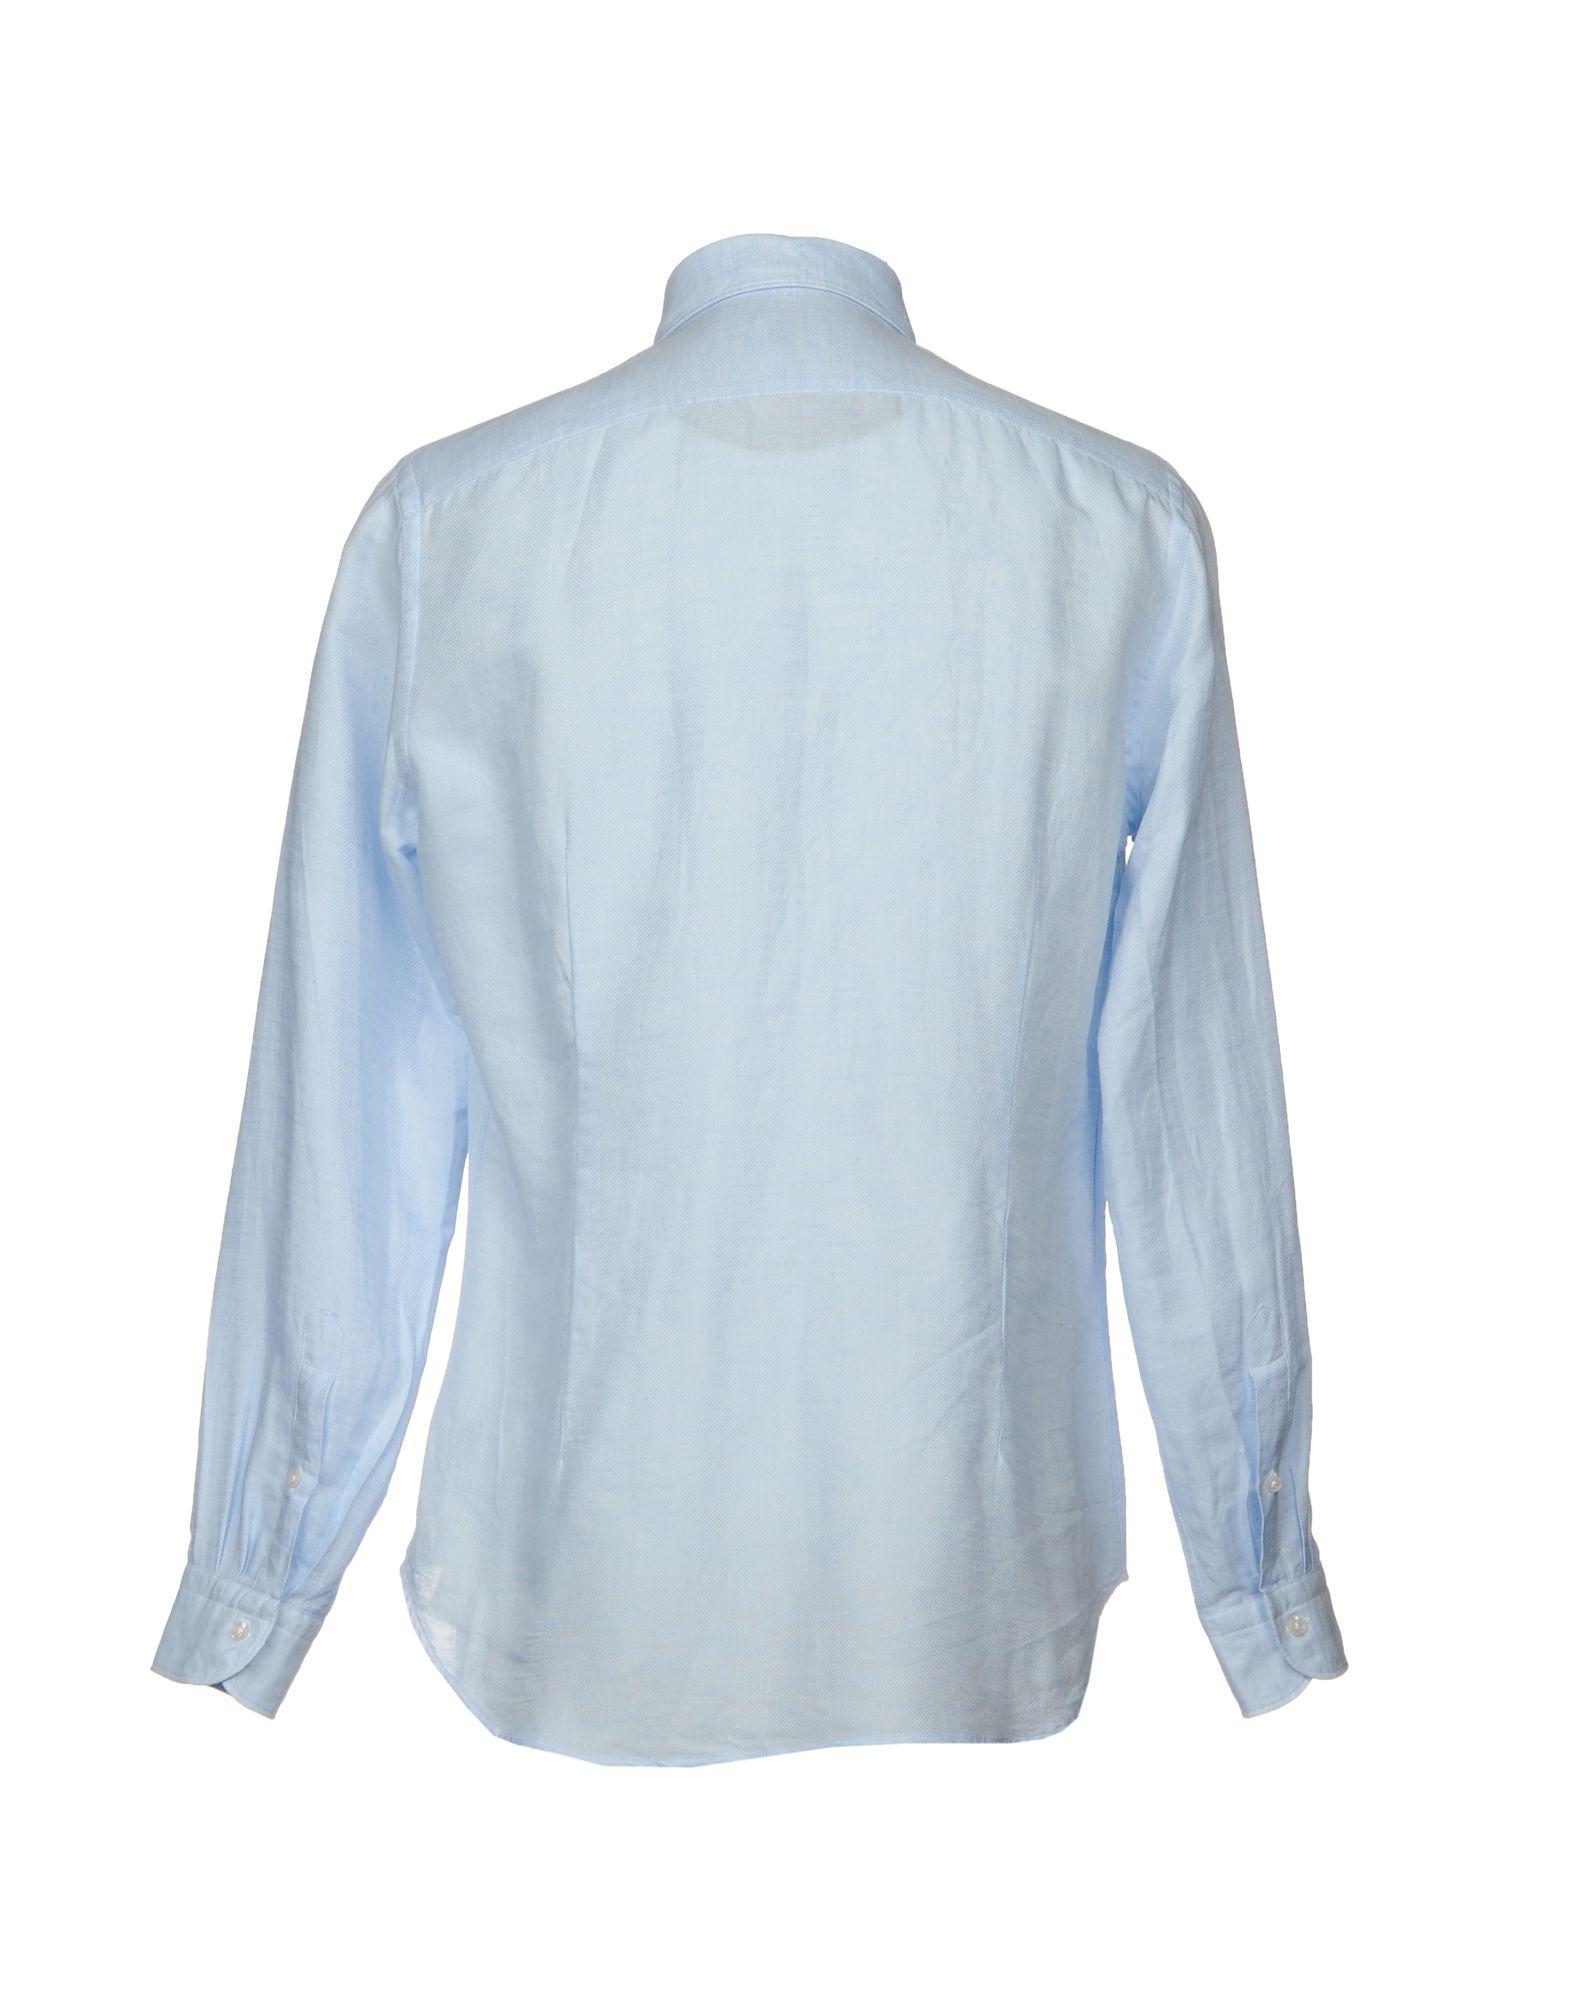 Camicia In Lino Mastai Ferretti Uomo - 38694345NB 38694345NB - 30ee83